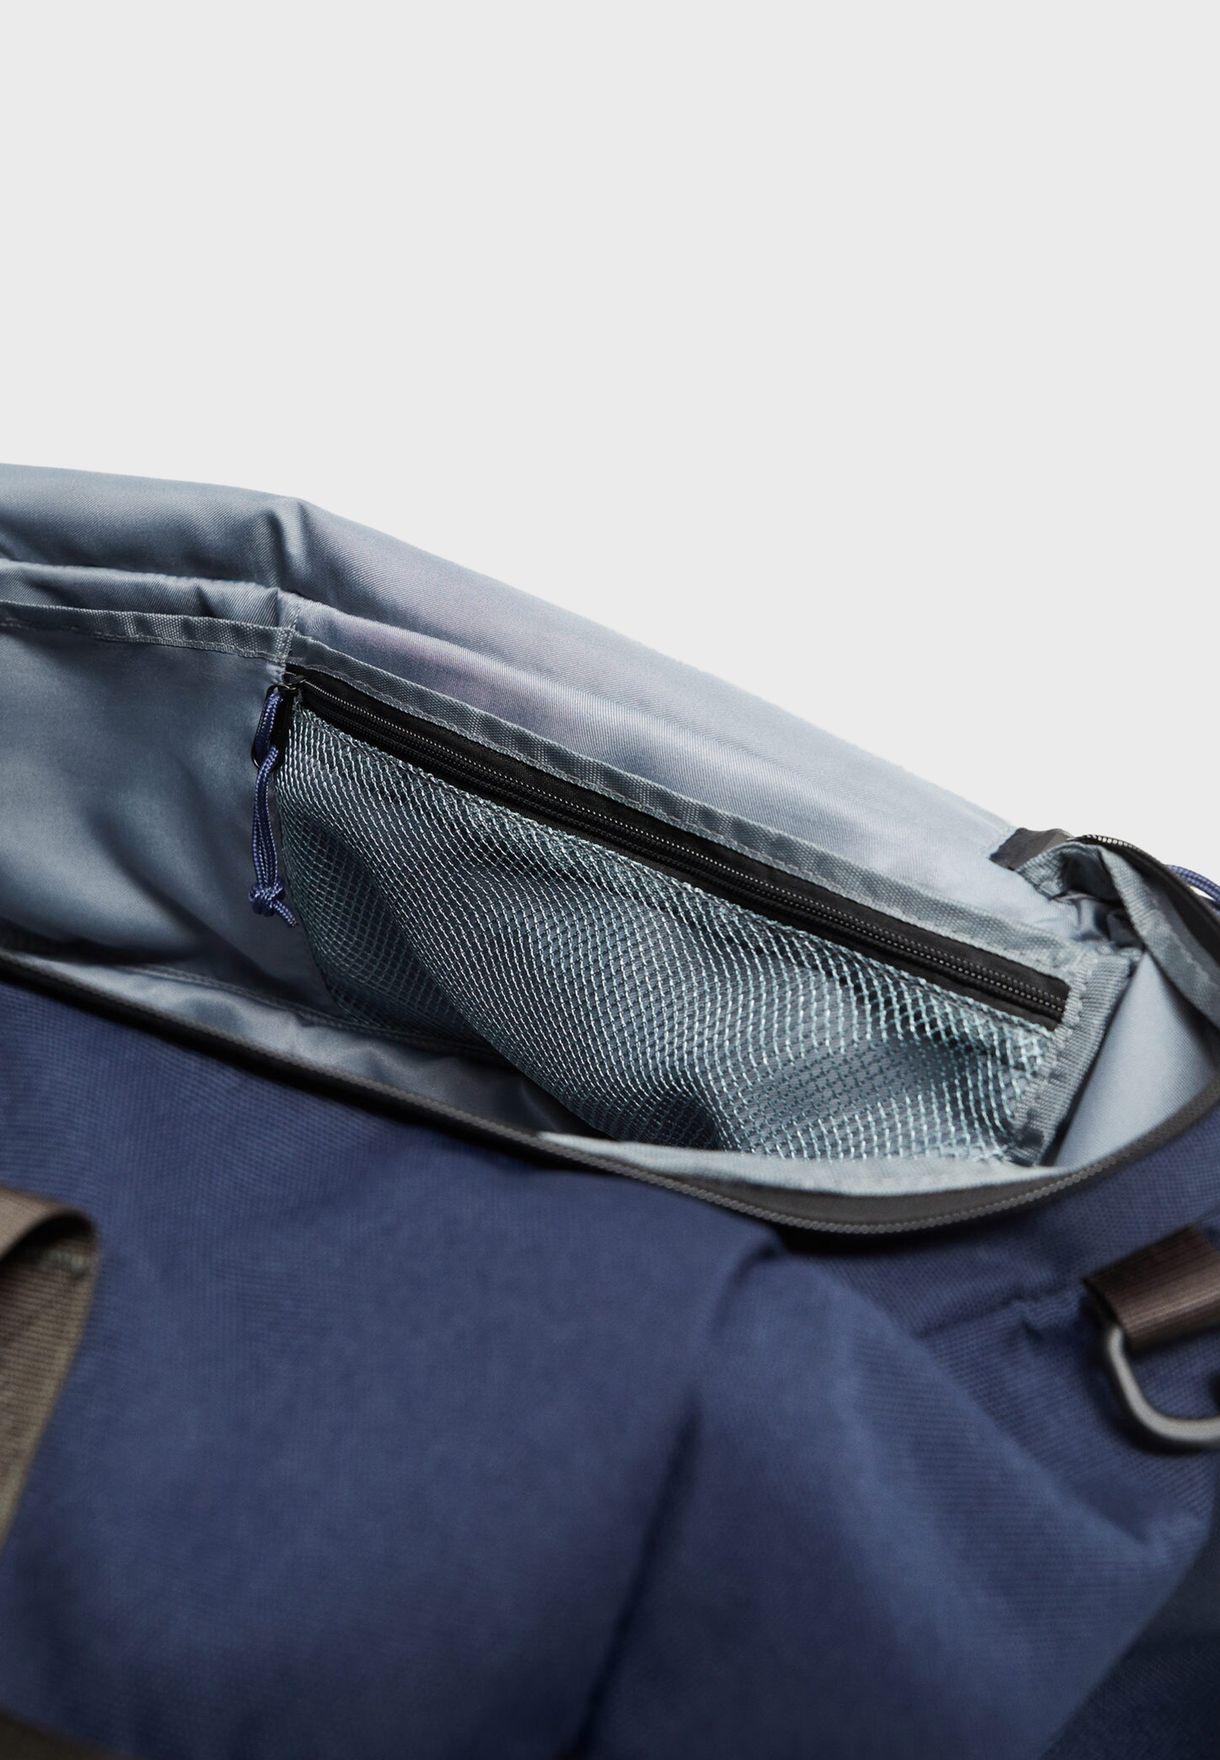 شنطة دافل مع جيب امامي